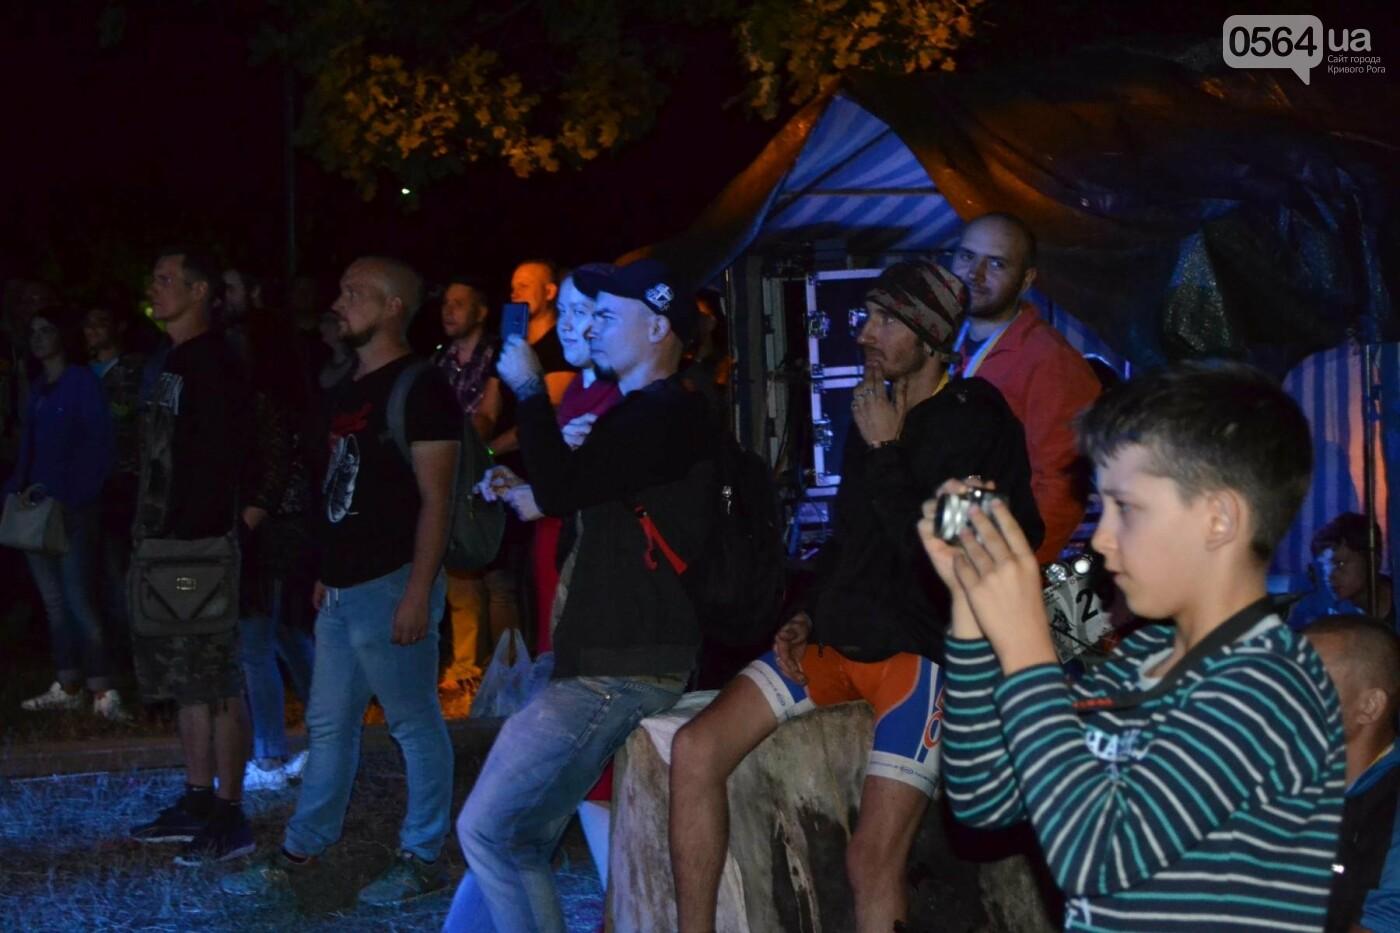 Подведение итогов, награждение победителей и выступление рок-групп, - чем завершился криворожский веломарафон, - ФОТО, ВИДЕО, фото-4